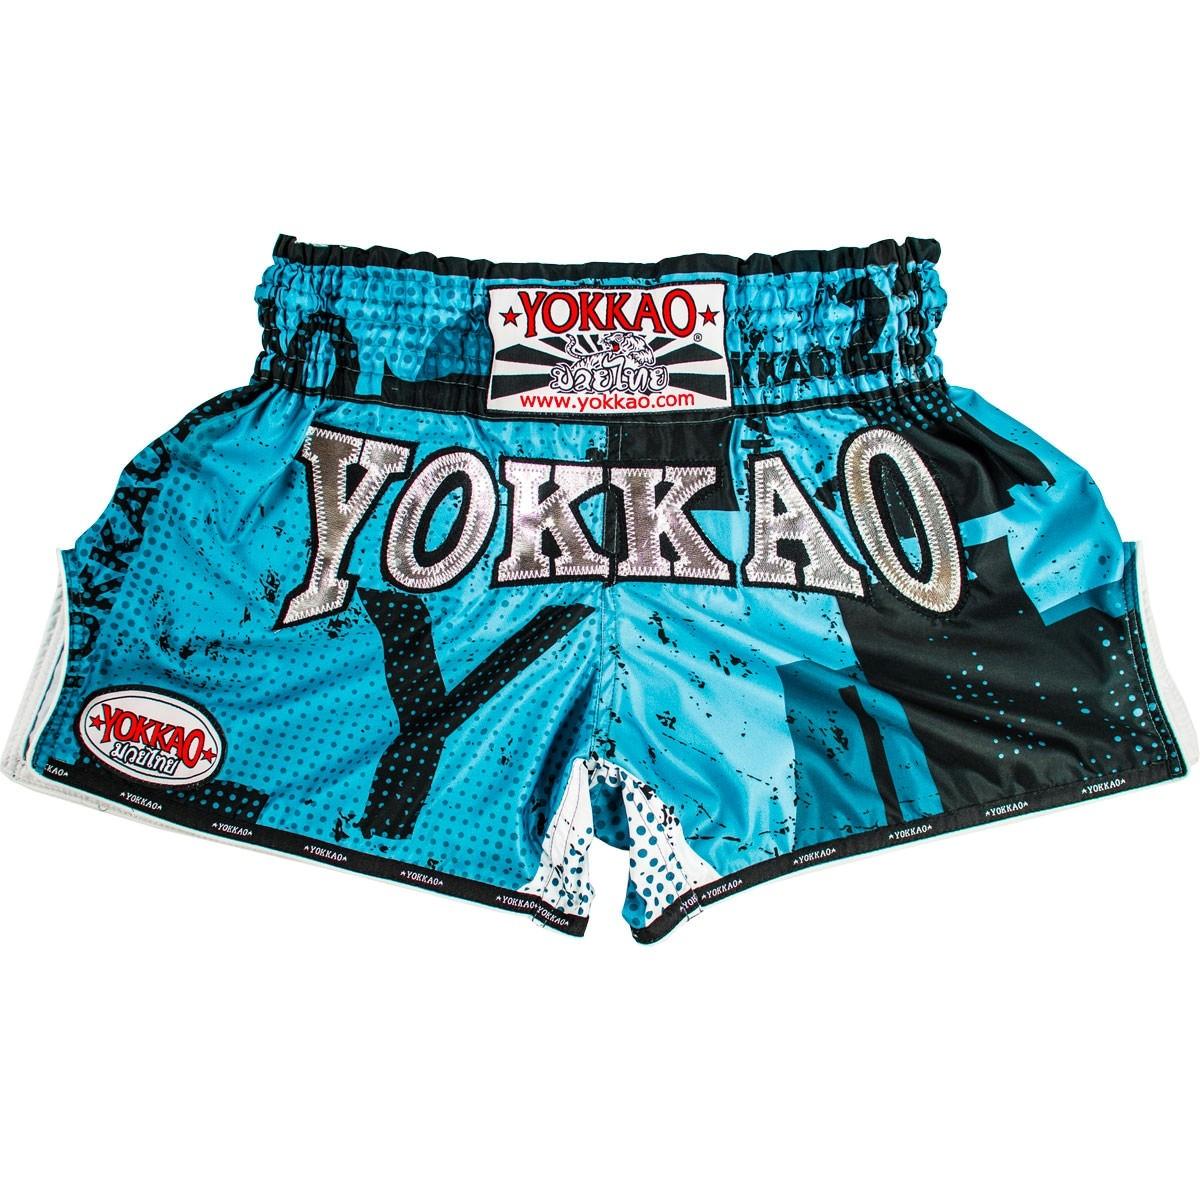 carbonfit-urban-shorts-blue-009